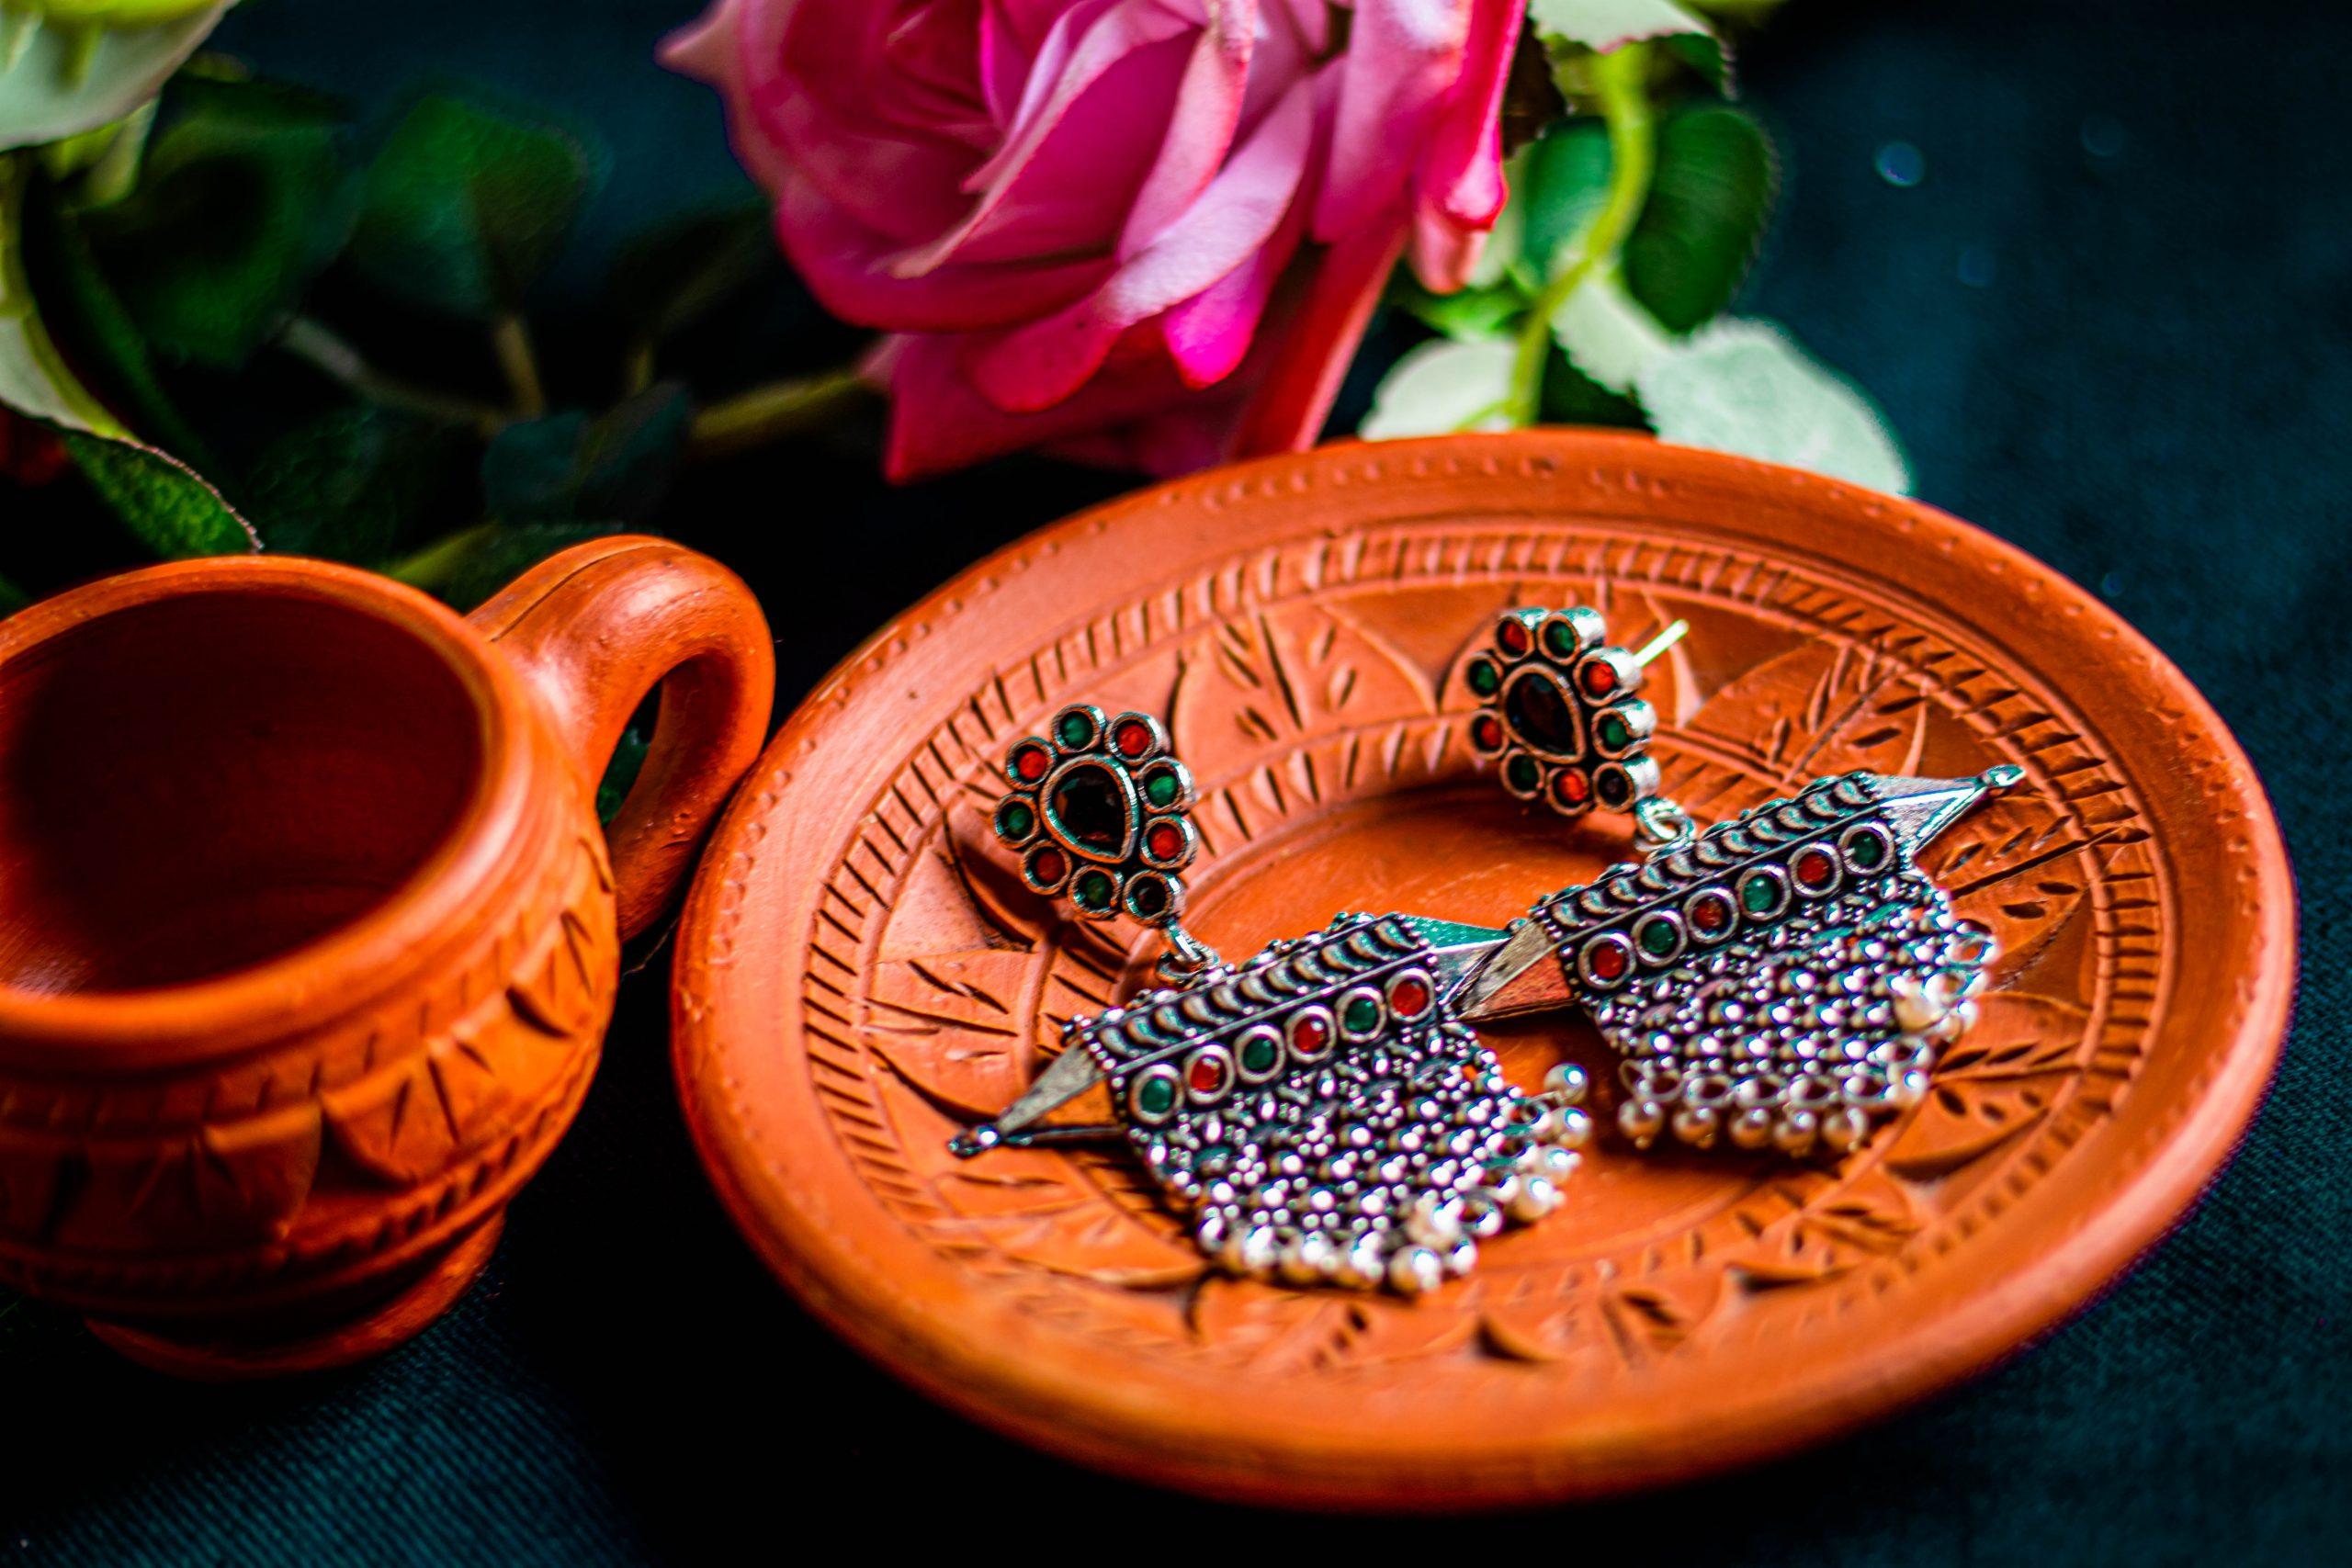 Beautiful Earrings in a plate